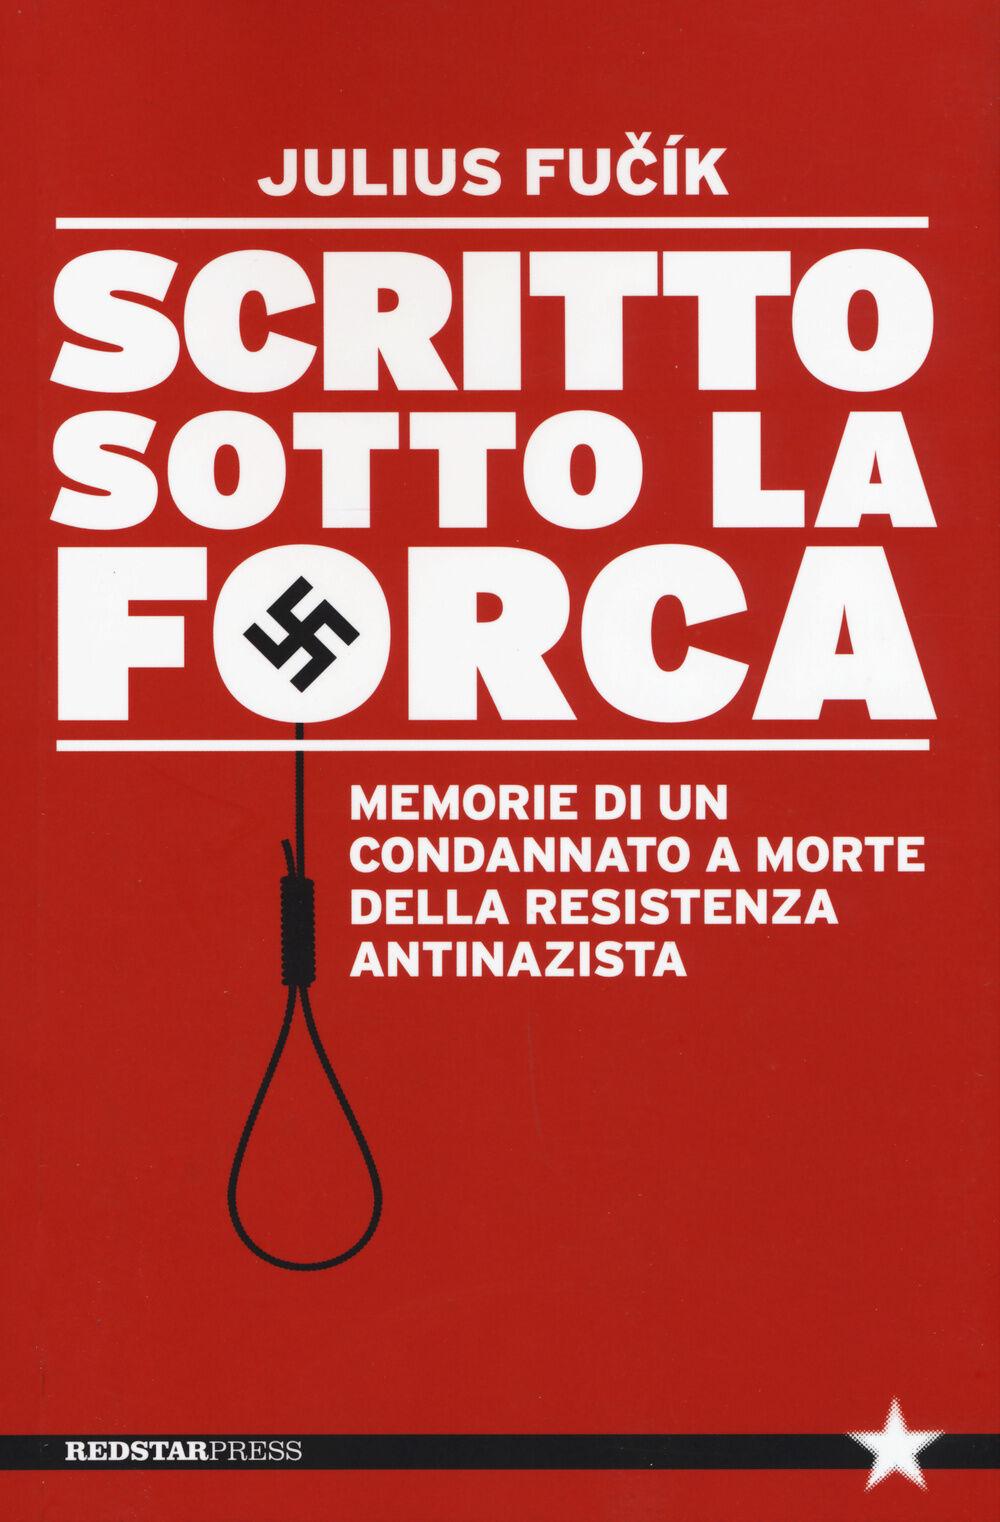 Scritto sotto la forca. Memorie di un condannato a morte della resistenza antinazista